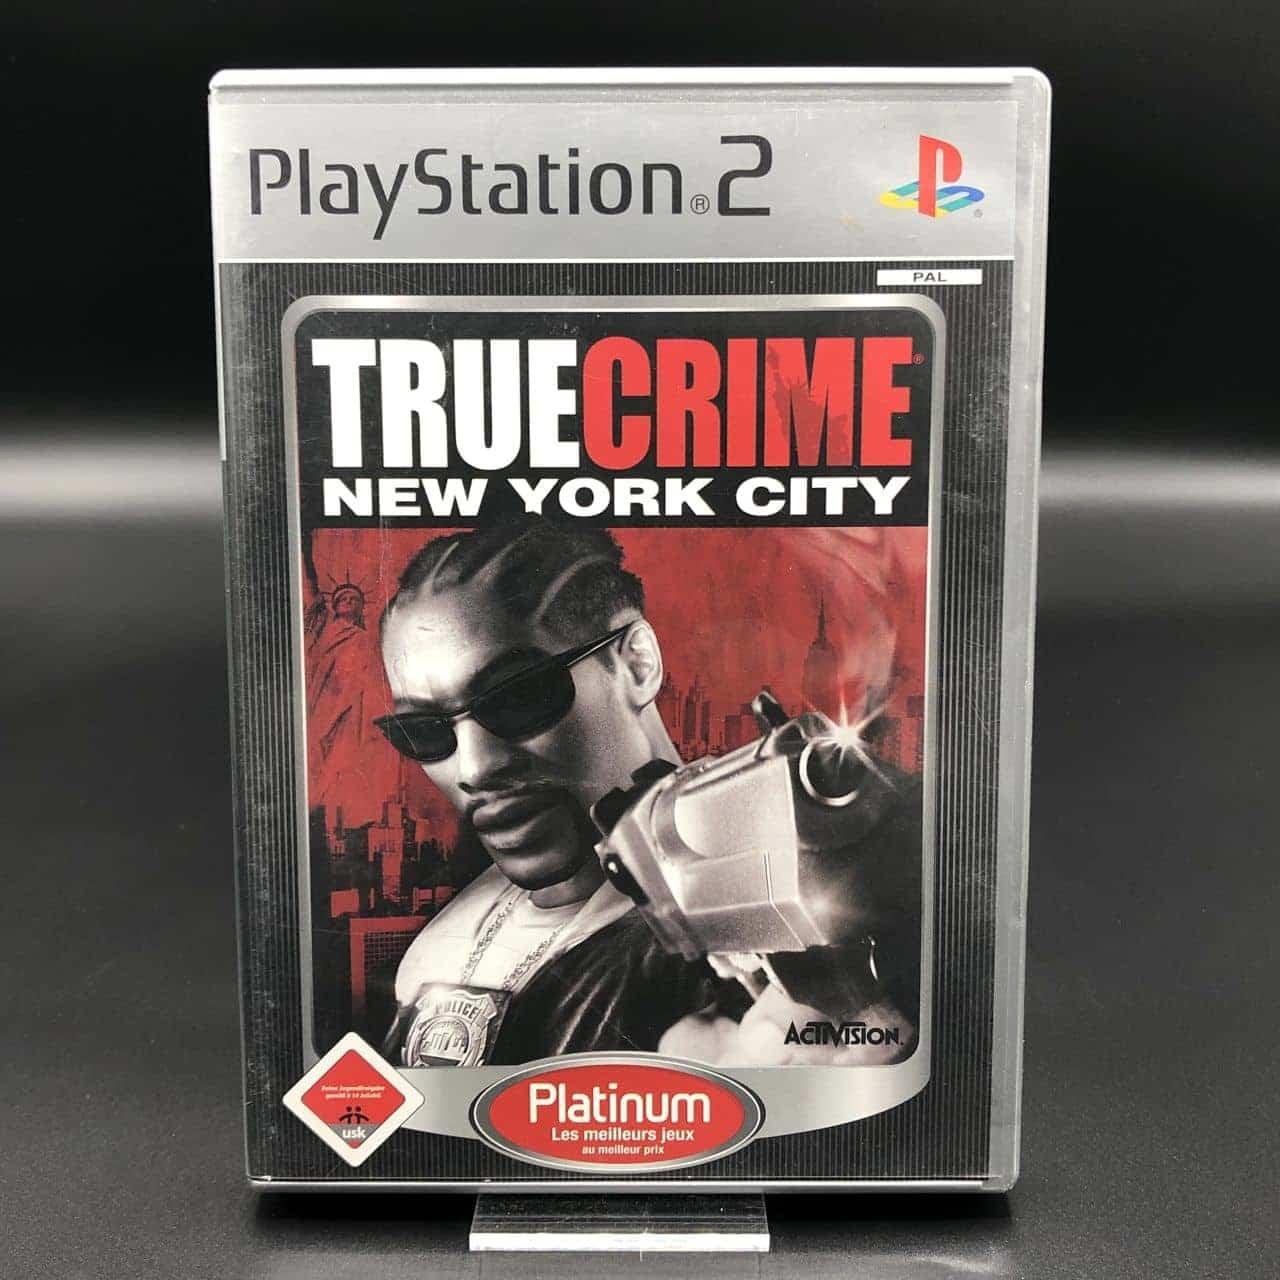 PS2 True Crime: New York City (Platinum) (Komplett) (Gut) Sony PlayStation 2 (FSK18)